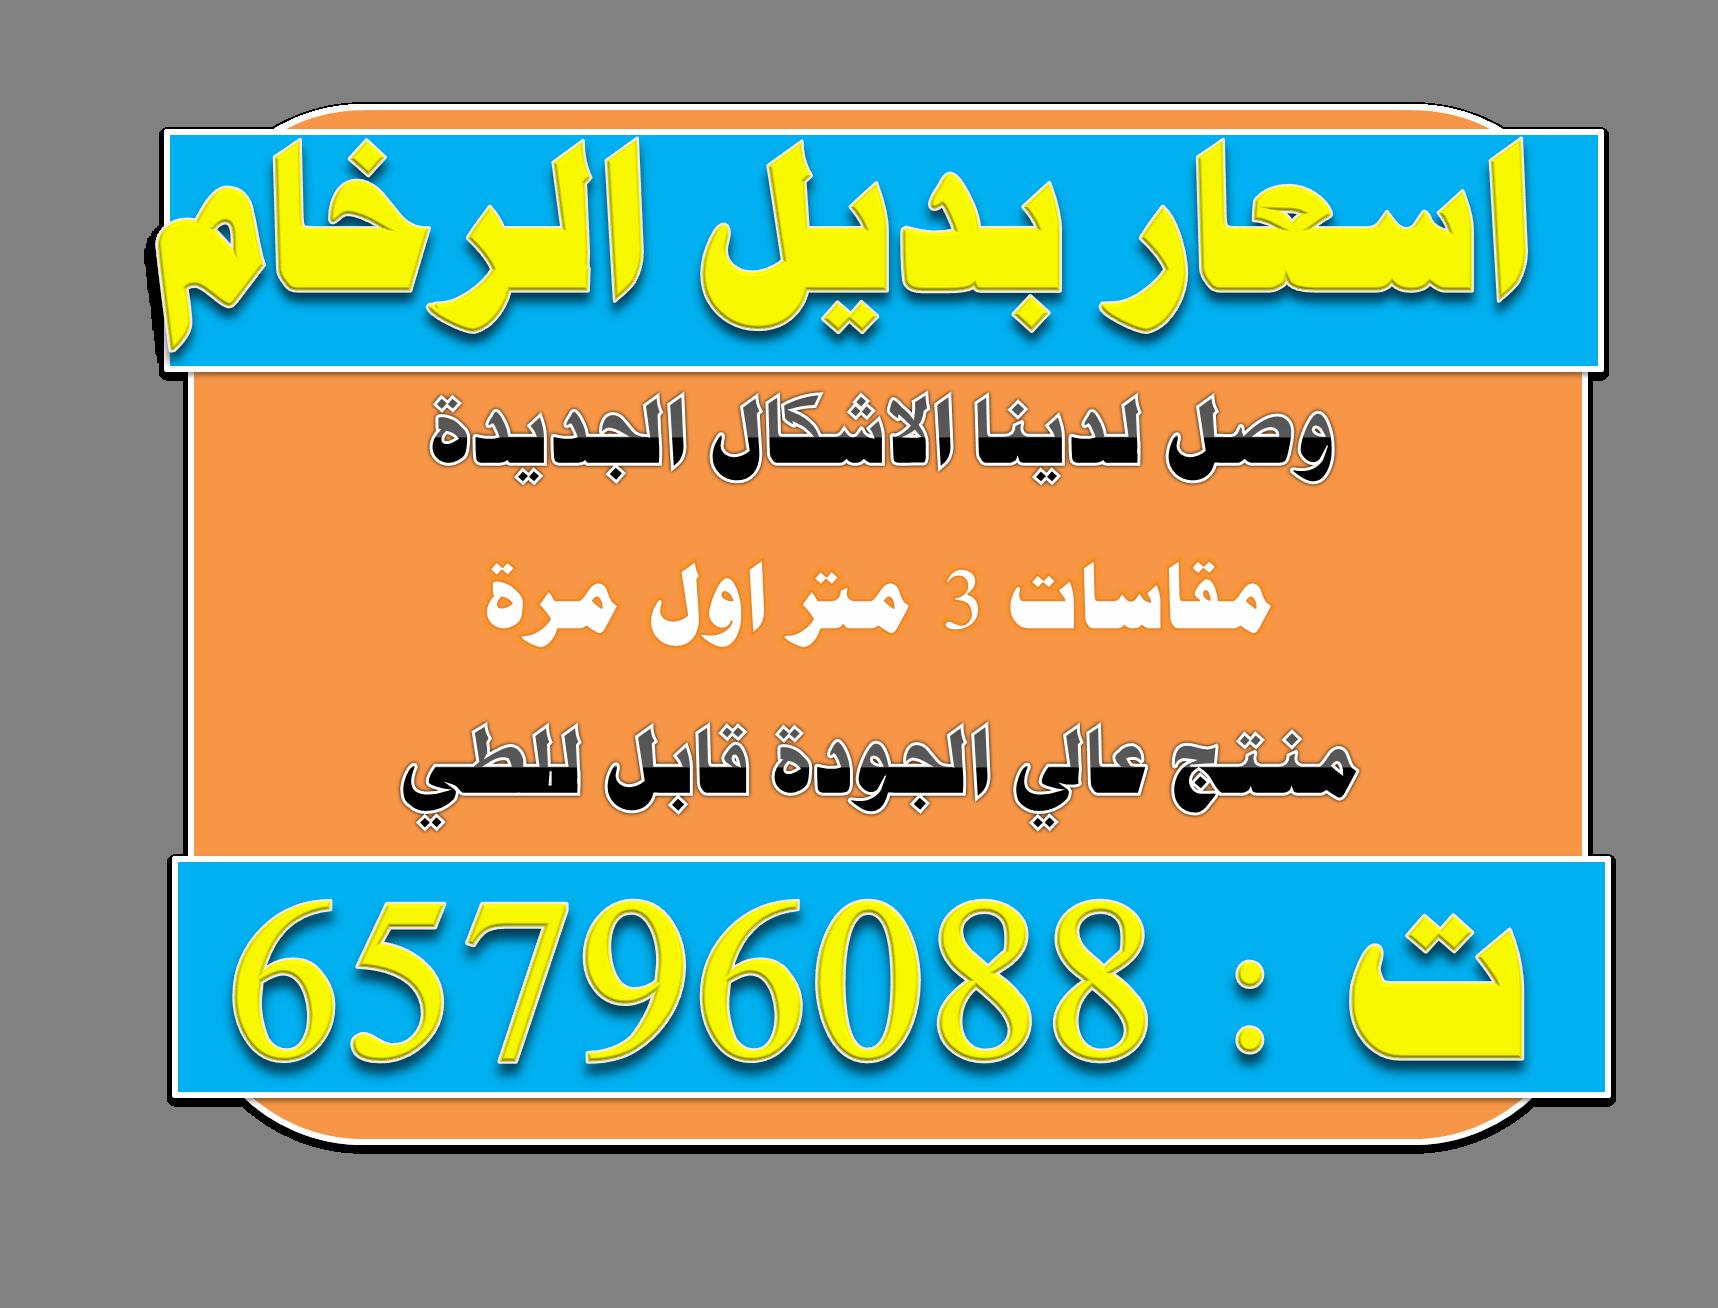 بديل الرخام بالكويت - كل الإعلانات